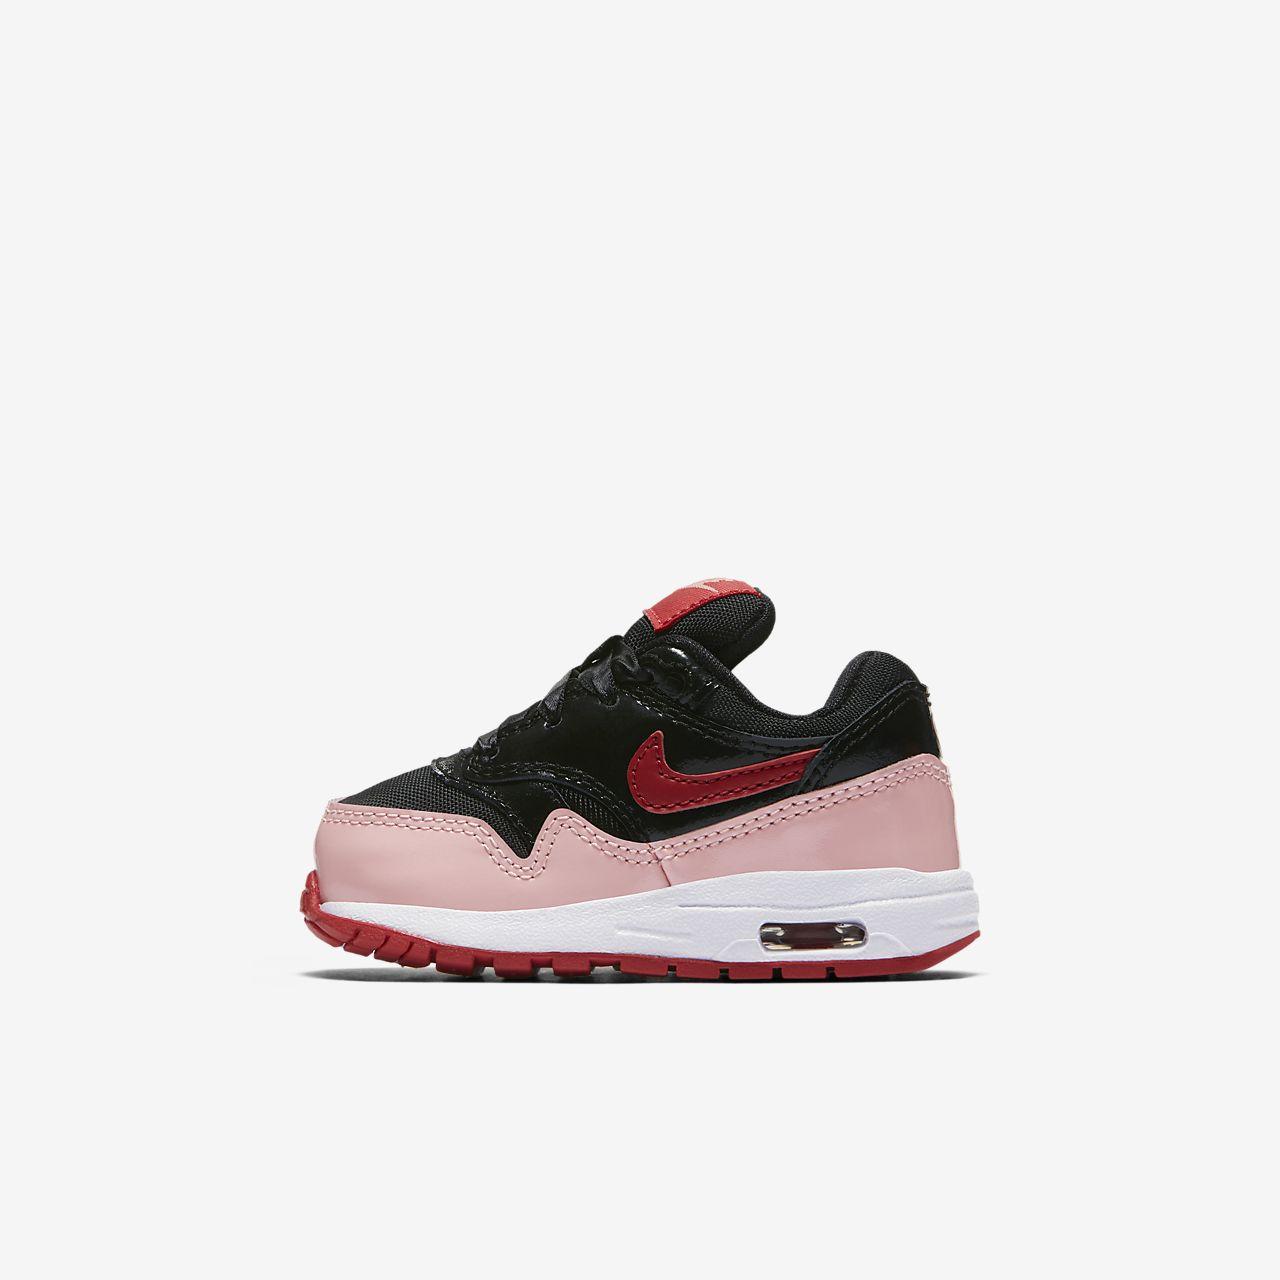 buy online 93b32 a476d ... Chaussure Nike Air Max 1 QS pour BébéPetit enfant